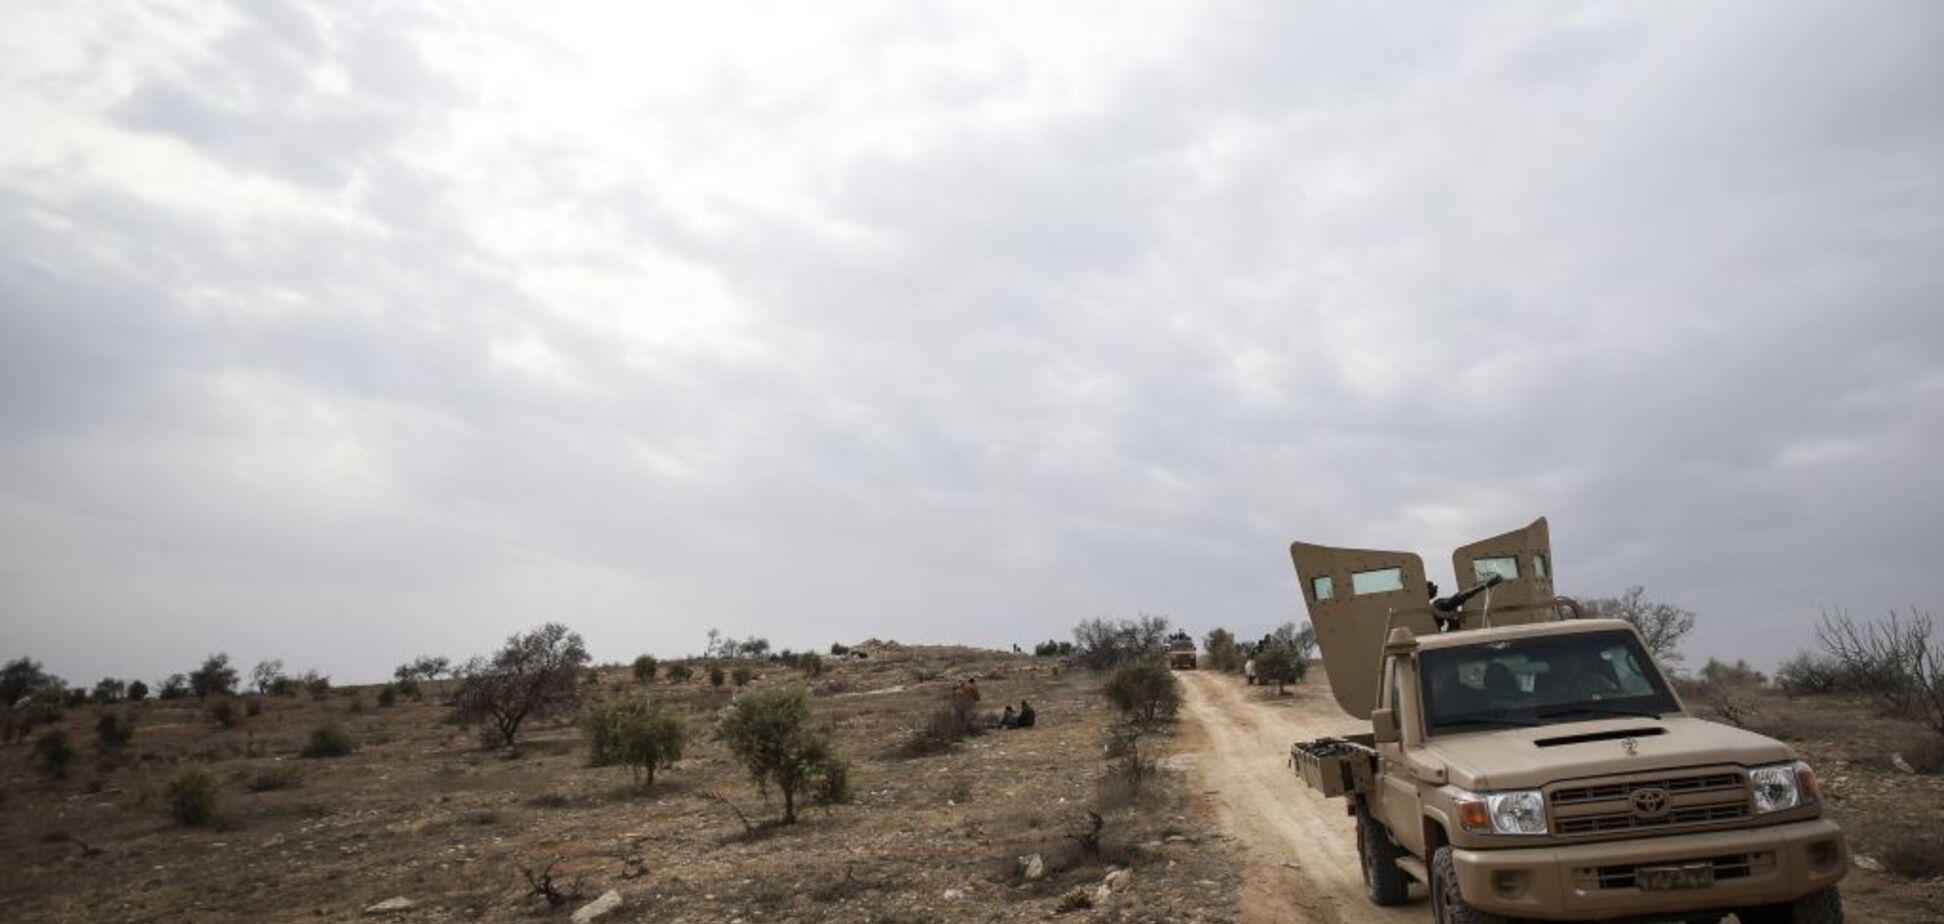 'Сейчас там спокойно': Пентагон прокомментировал удар по наемникам 'Вагнера' в Сирии